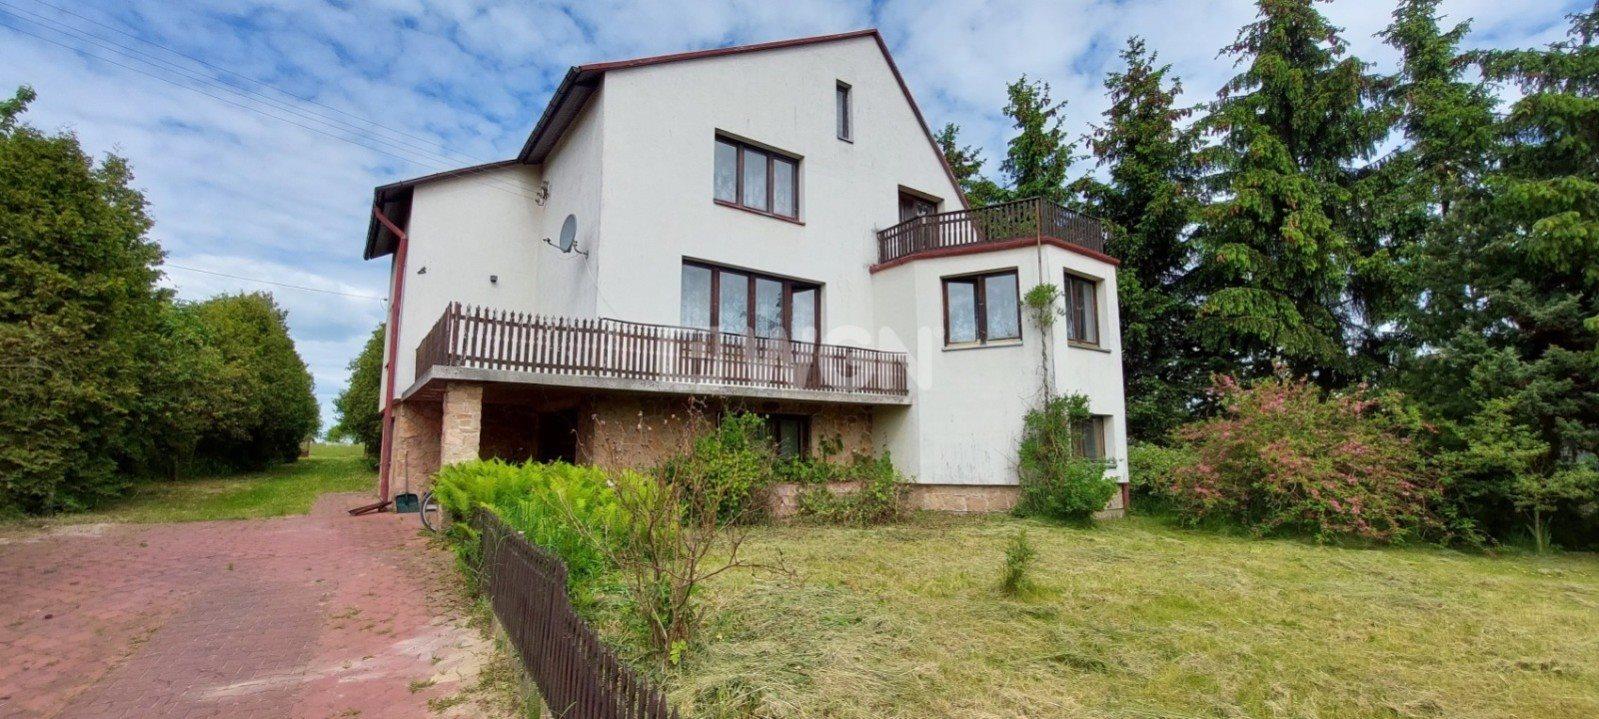 Dom na sprzedaż Sulejów, Sulejów  270m2 Foto 2